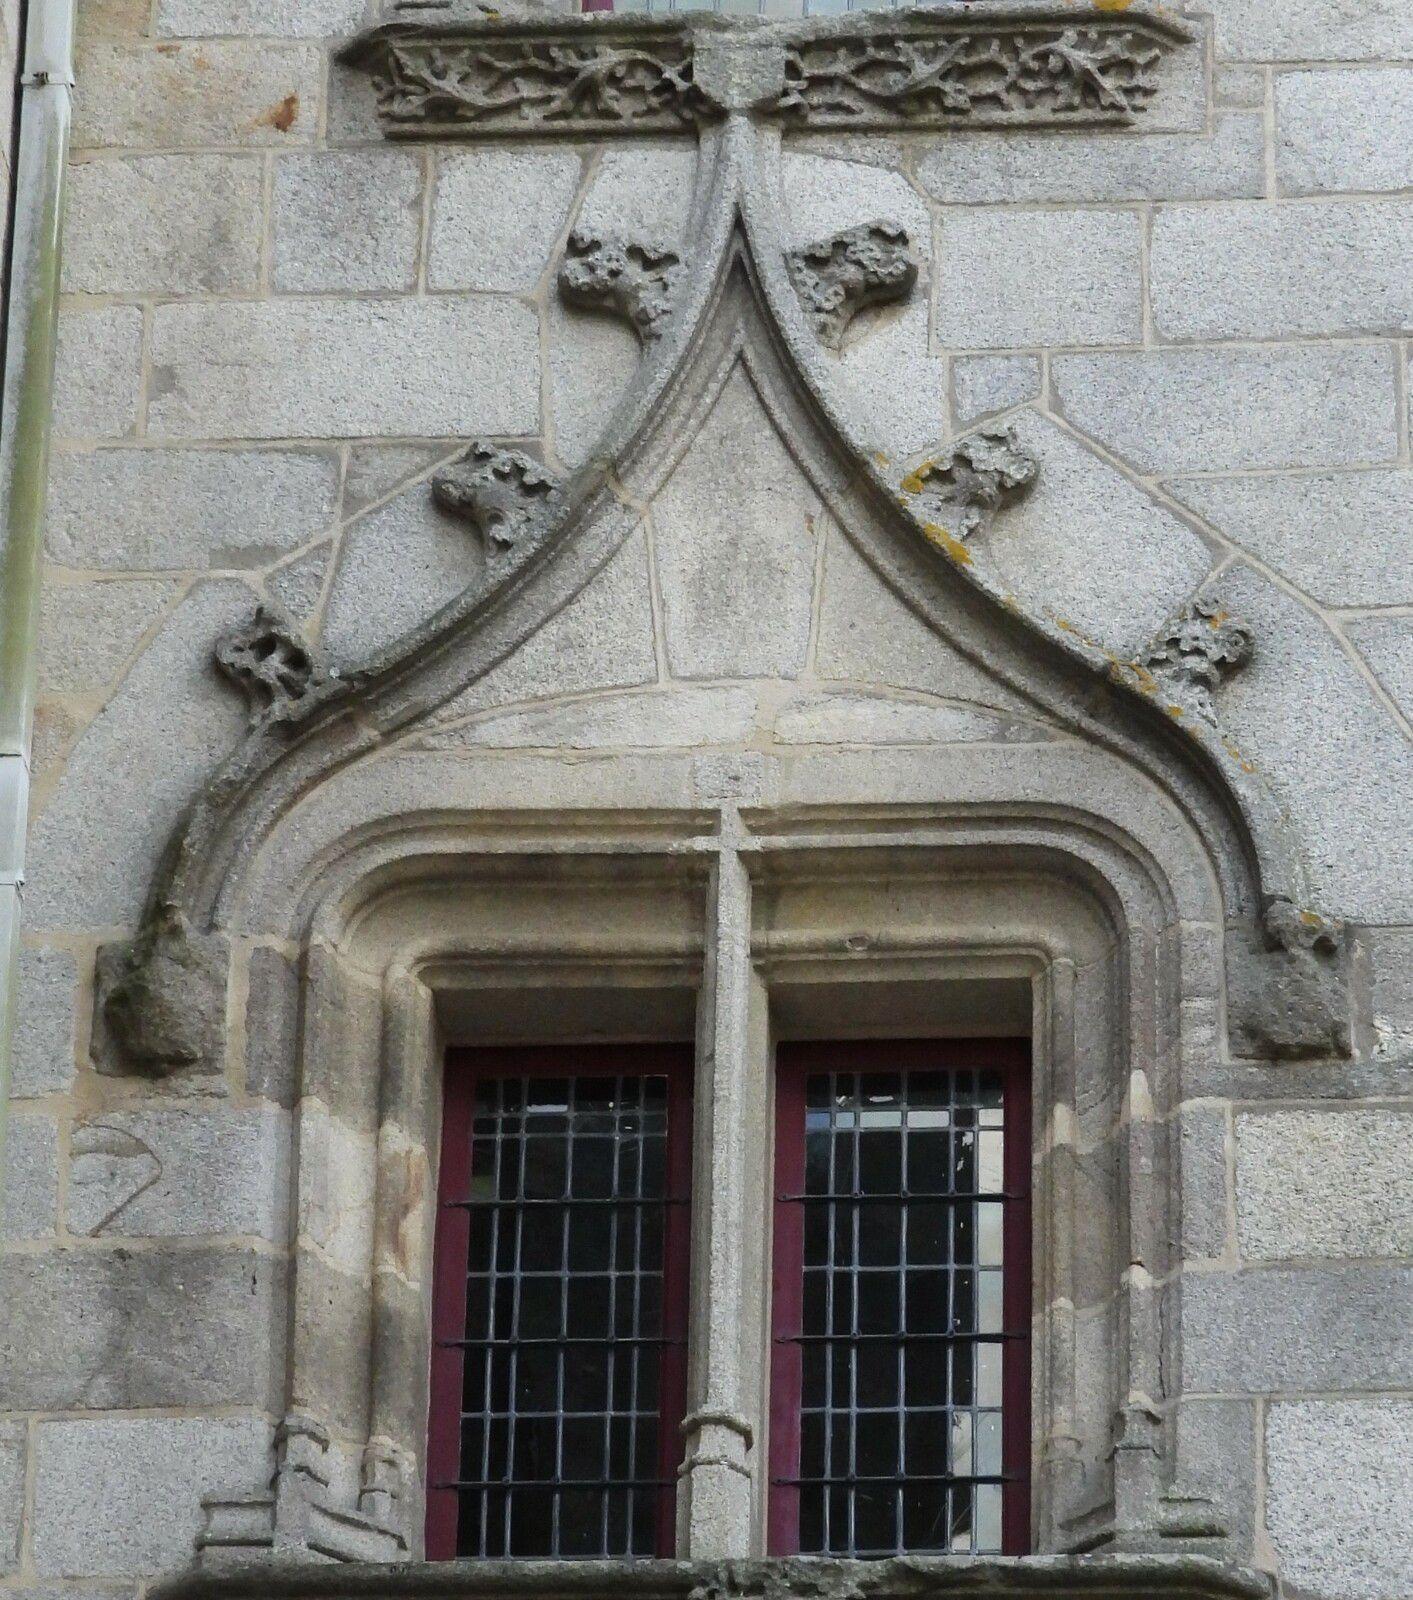 Tour épiscopale (leucogranite, 1507) de Claude de Rohan à Quimper. Photographie lavieb-aile 2021.